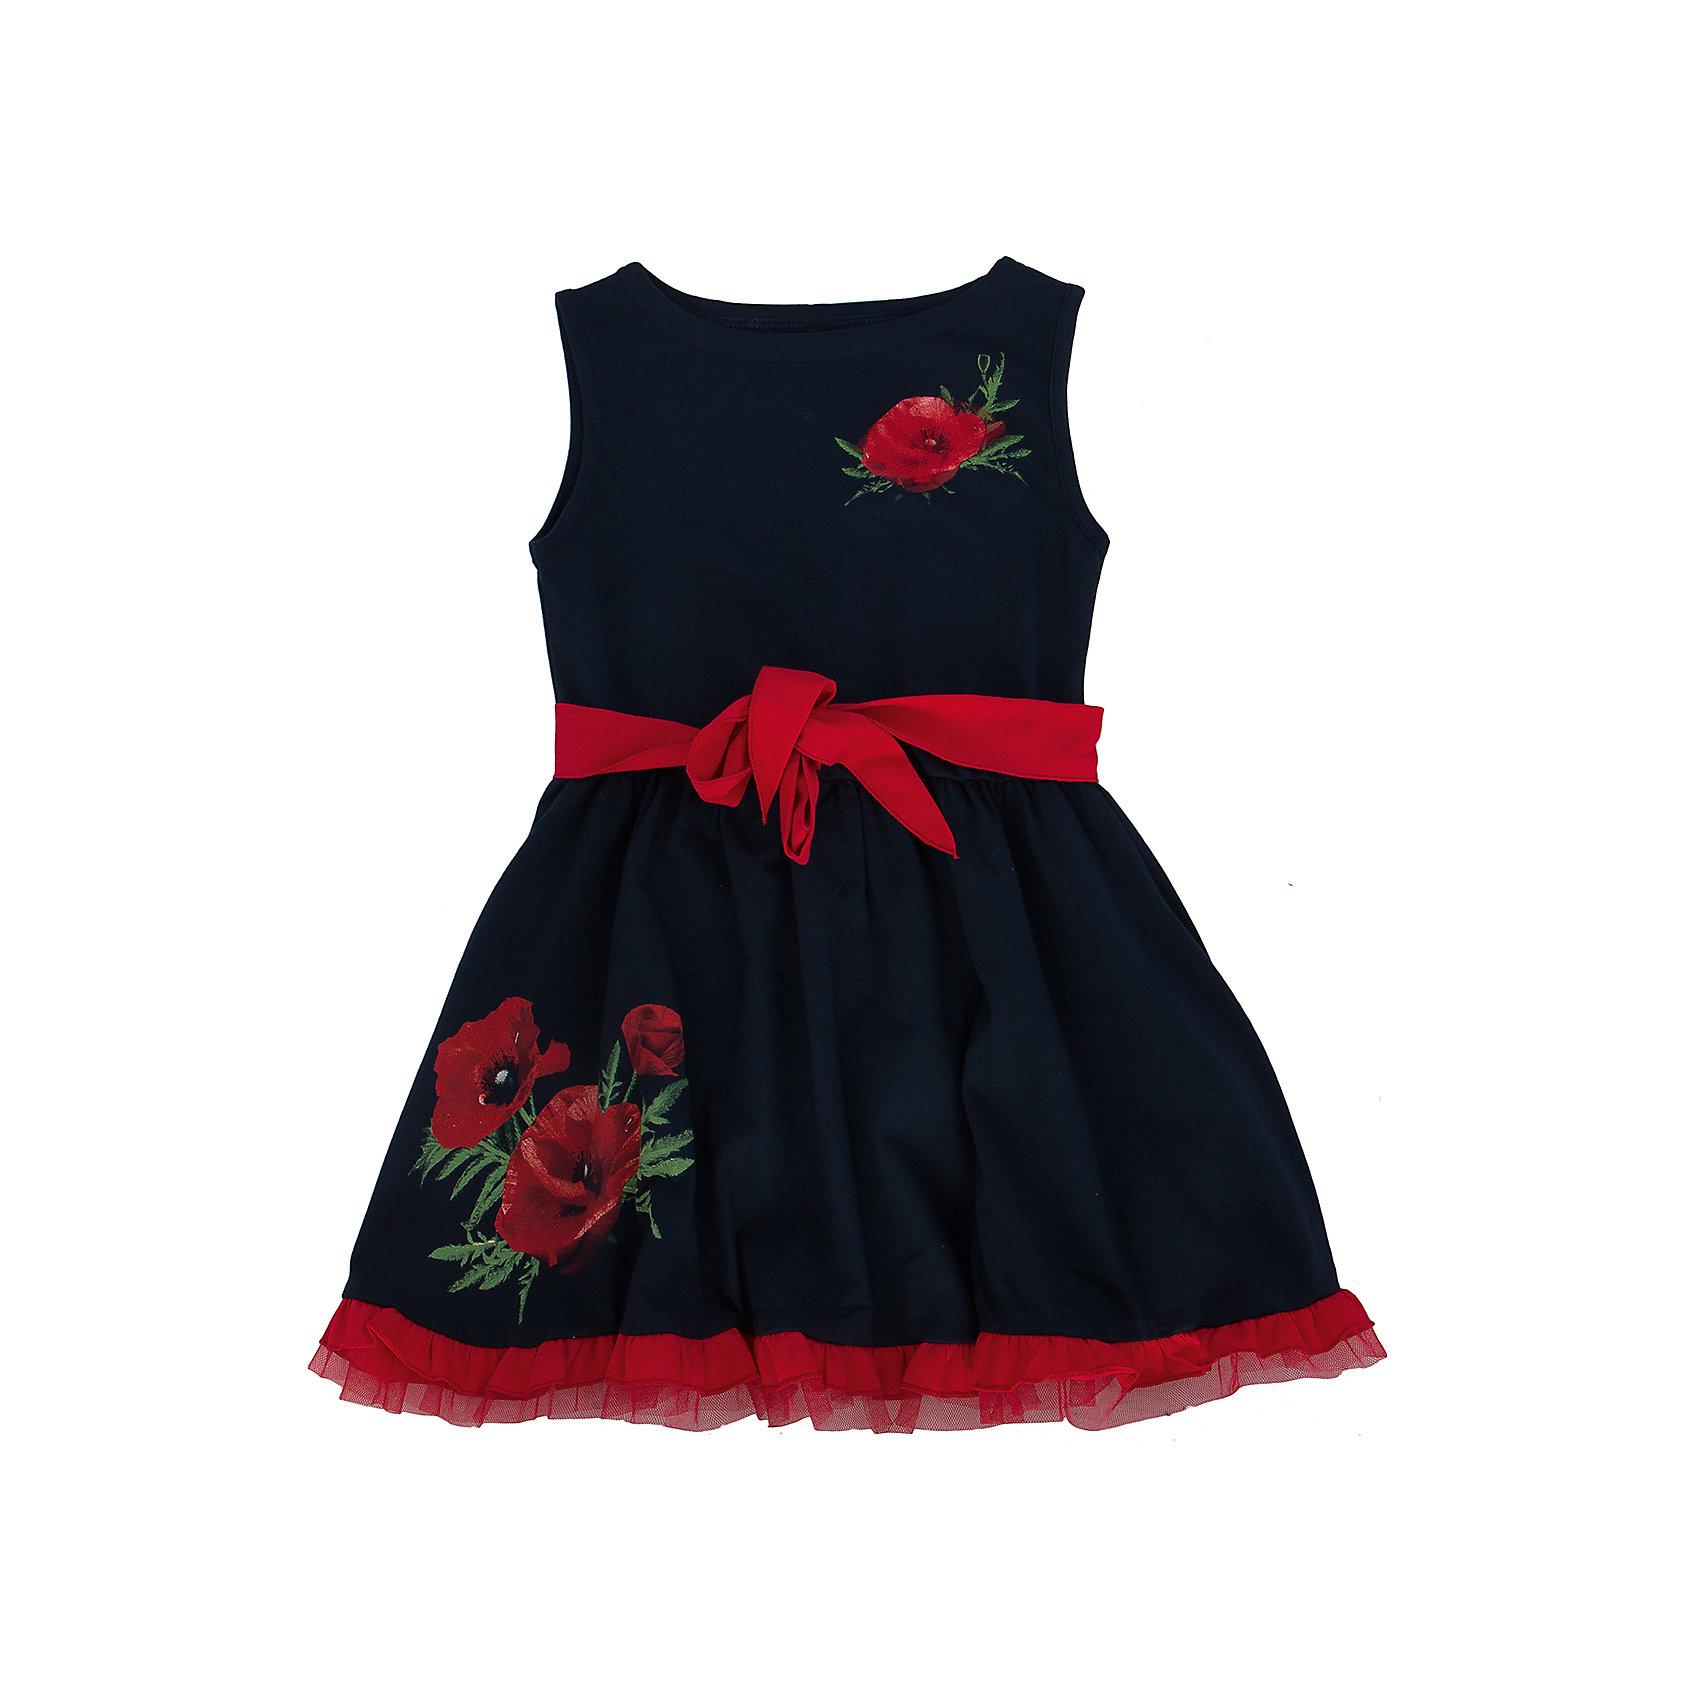 Платье АпрельСтильное летнее платье, выполненное из тонкого хлопкового полотна. Платье от торговой марки  Апрель из коллекции Маки— модель, которая идеально подходит по всем параметрам, потому что платье изготовлено из безопасных материалов и имеет необходимые сертификаты качества, скроено с учётом всех важных особенностей строения детской фигуры, за счёт чего обеспечивает исключительный комфорт;  отличается дизайном, который определённо понравится девочке. Приятное на ощупь, не сковывает движения, обеспечивая наибольший комфорт. Изделие прямого кроя с короткими рукавами, декорировано эффектным дизайнерским принтом. Отличный вариант для прогулки и праздника! Рекомендуется машинная стирка при температуре 40 градусов без предварительного замачивания.<br><br>Дополнительная информация:<br><br>- ткань: кулир<br> - состав: 92% хлопок 8% лайкра<br>- длина рукава: короткие<br>- вид застежки: кнопки<br>- вид бретелек: без бретелек<br>- длина изделия: по спинке: 52 см<br>- фактура материала: трикотажный<br>- длина юбки: мини<br>- тип карманов: без карманов<br>- по назначению: повседневный стиль<br>- цвет: темно-синий, красный, белый<br>- сезон: лето<br>- пол: девочки<br>- страна бренда: Россия<br>- страна производитель: Россия<br>- комплектация: платье<br>- коллекция Маки<br><br>Платье коллекции Маки от торговой марки  Апрель можно купить в нашем интернет-магазине.<br><br>Ширина мм: 236<br>Глубина мм: 16<br>Высота мм: 184<br>Вес г: 177<br>Цвет: синий<br>Возраст от месяцев: 48<br>Возраст до месяцев: 60<br>Пол: Женский<br>Возраст: Детский<br>Размер: 110,128,122,116,140,146,134<br>SKU: 4630500